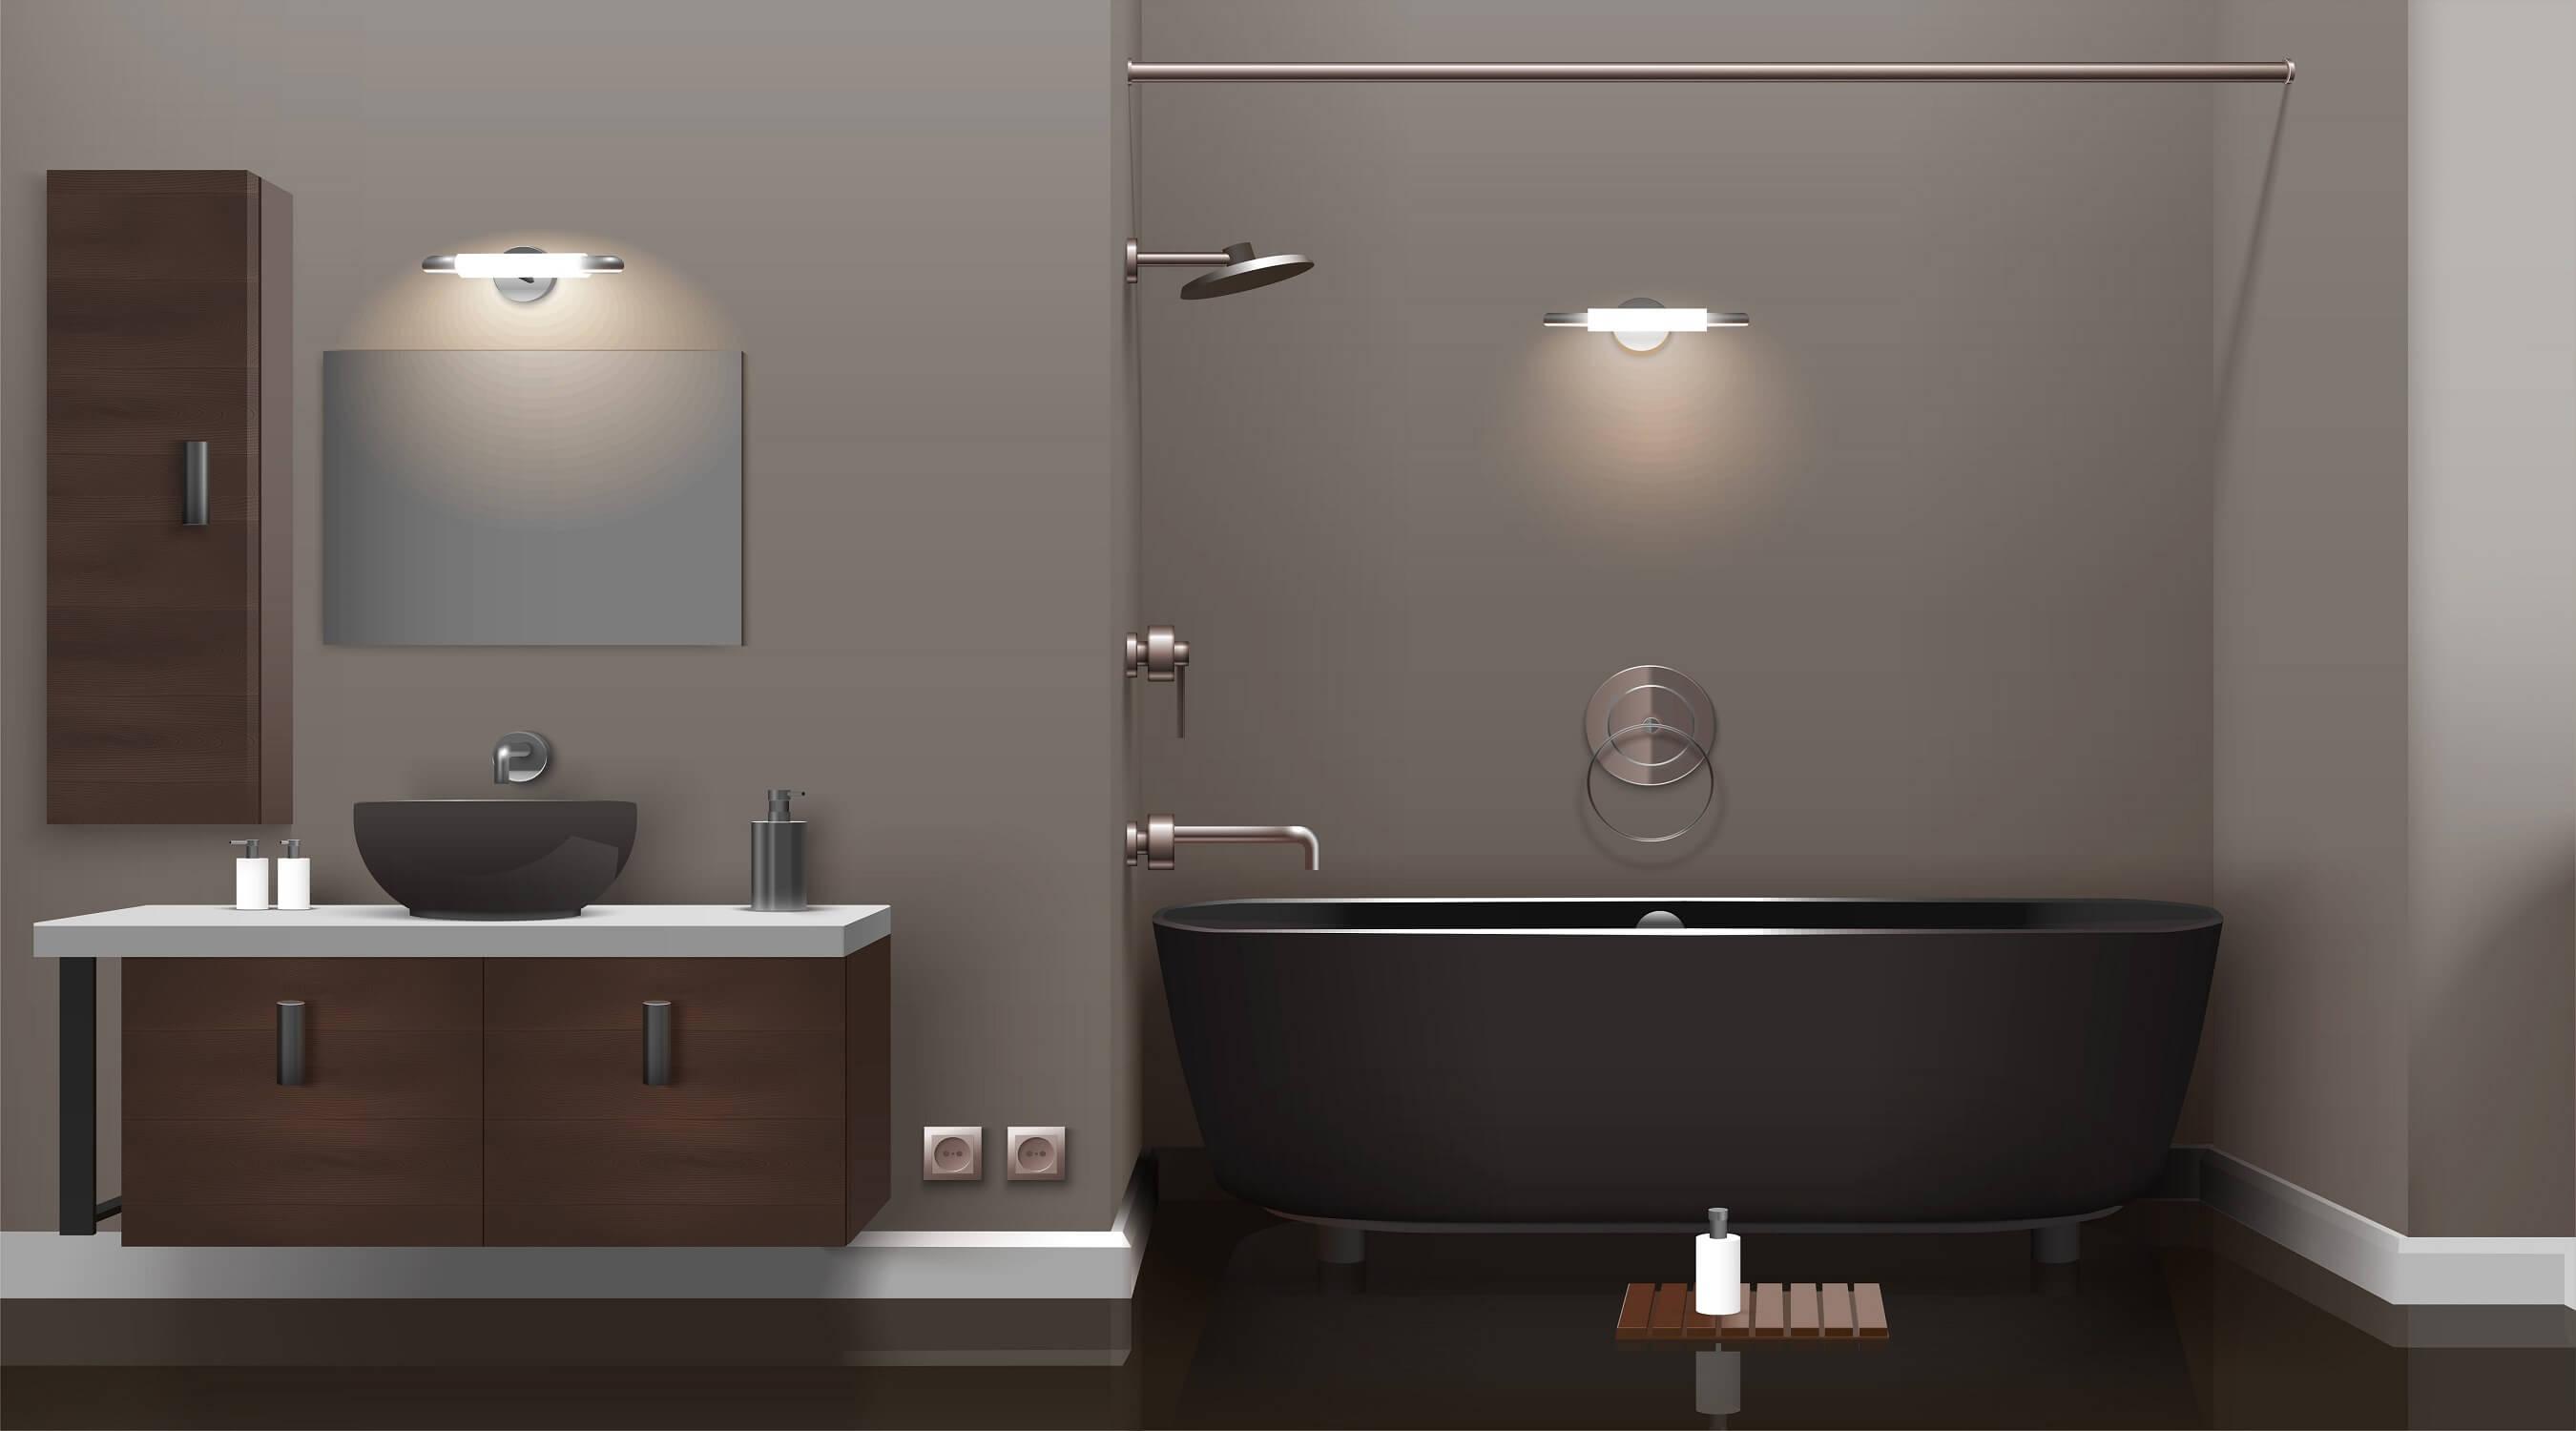 interior-design-modern-cozy-Bathroom